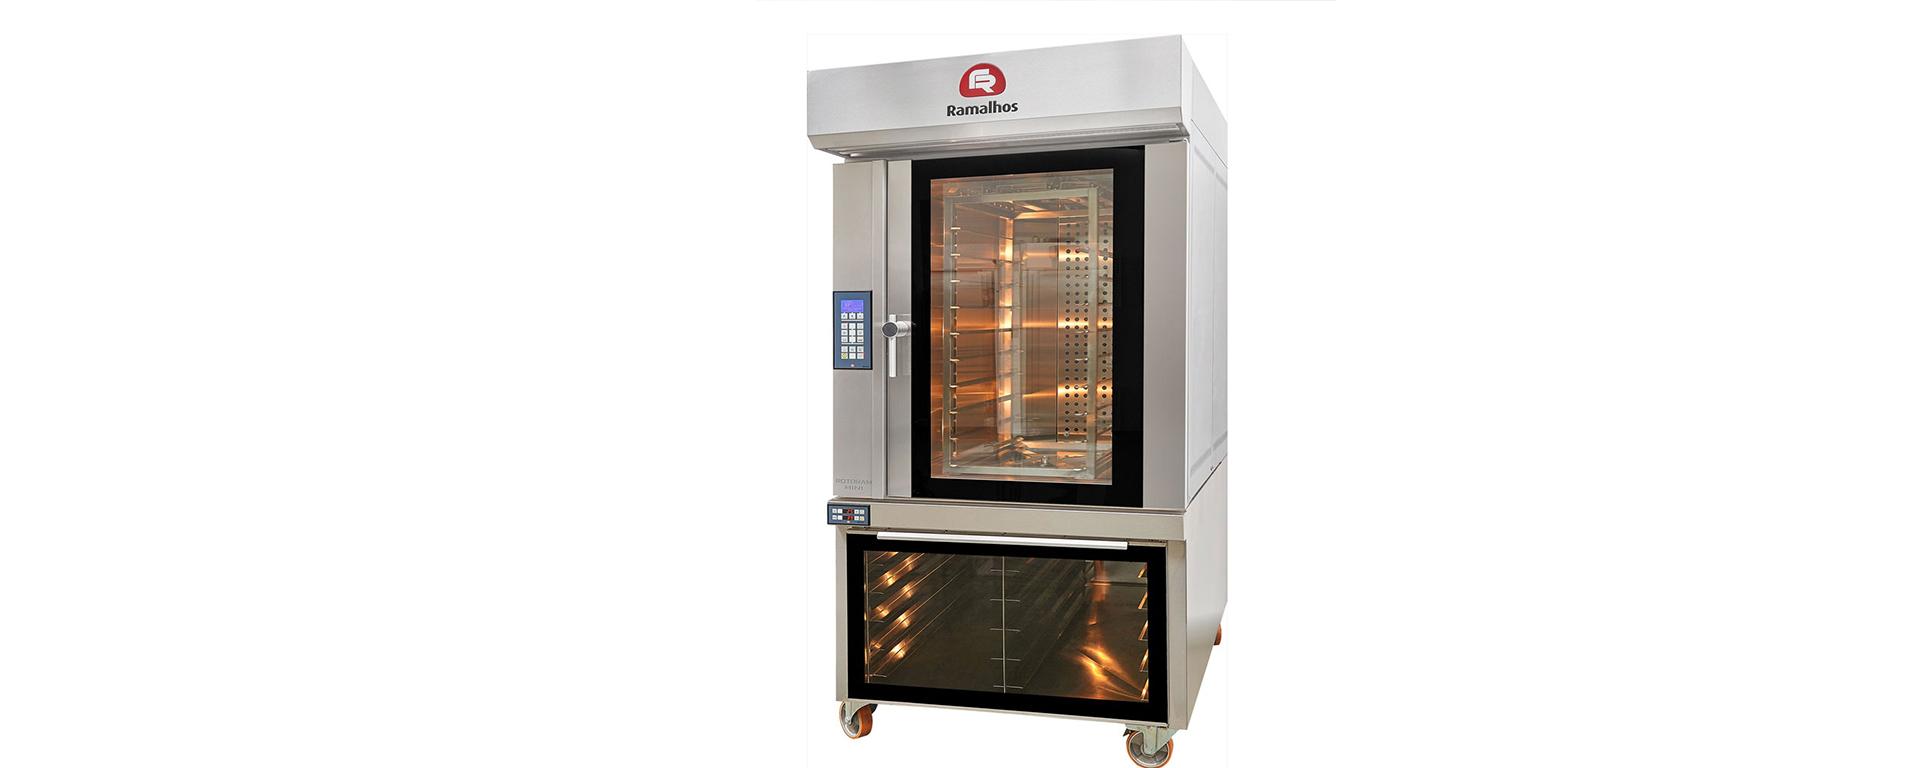 Ramalhos lança forno rotativo compacto